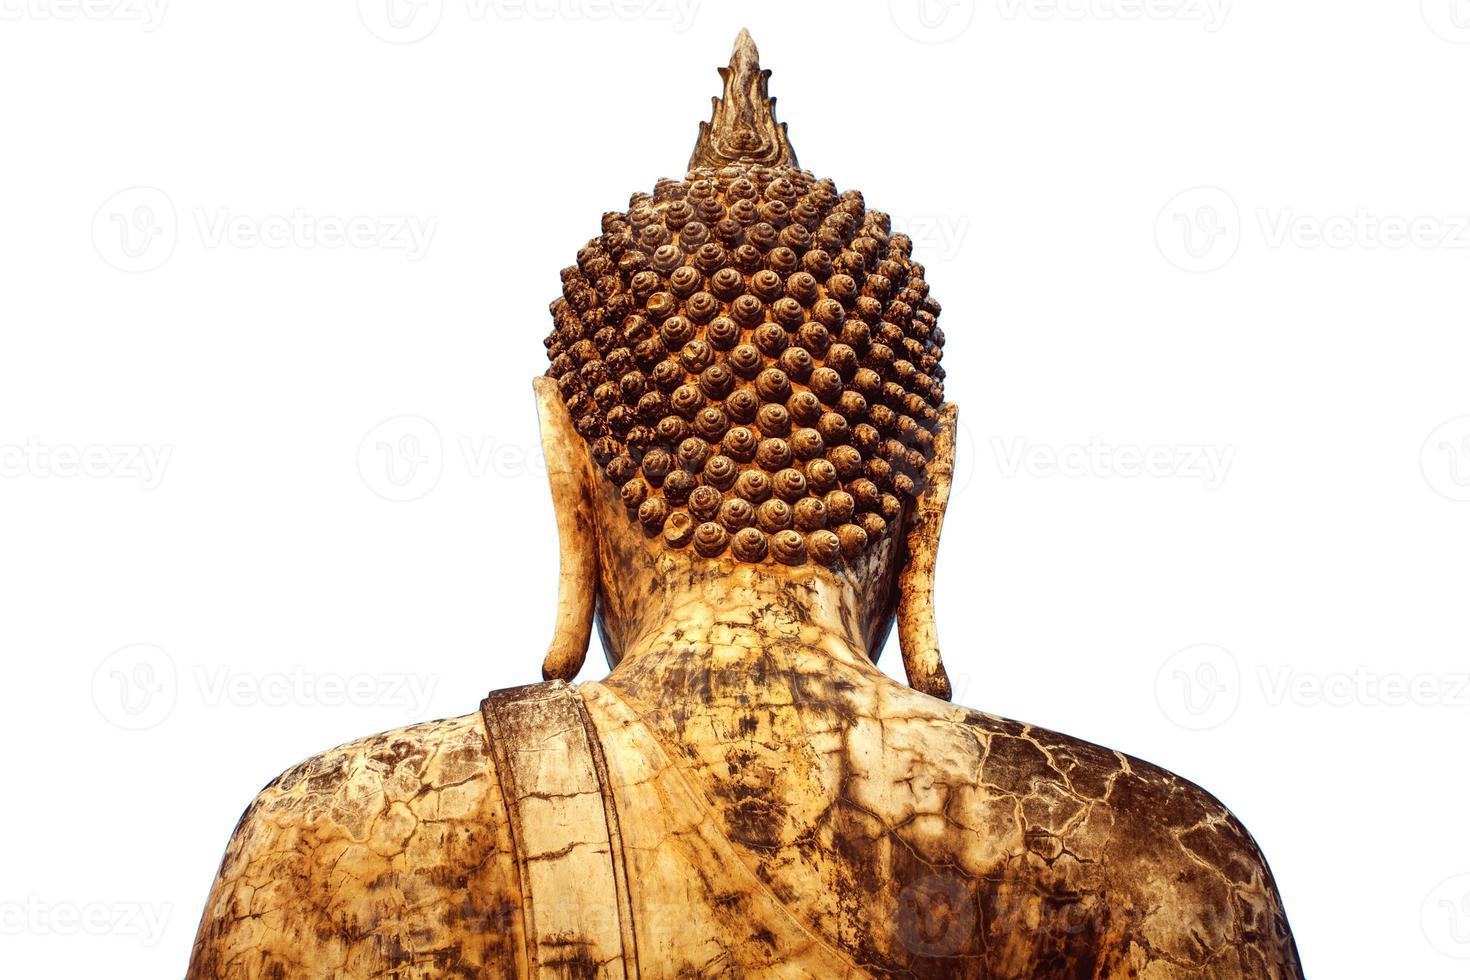 lato posteriore del grande buddha nel vecchio tempio in Thailandia foto